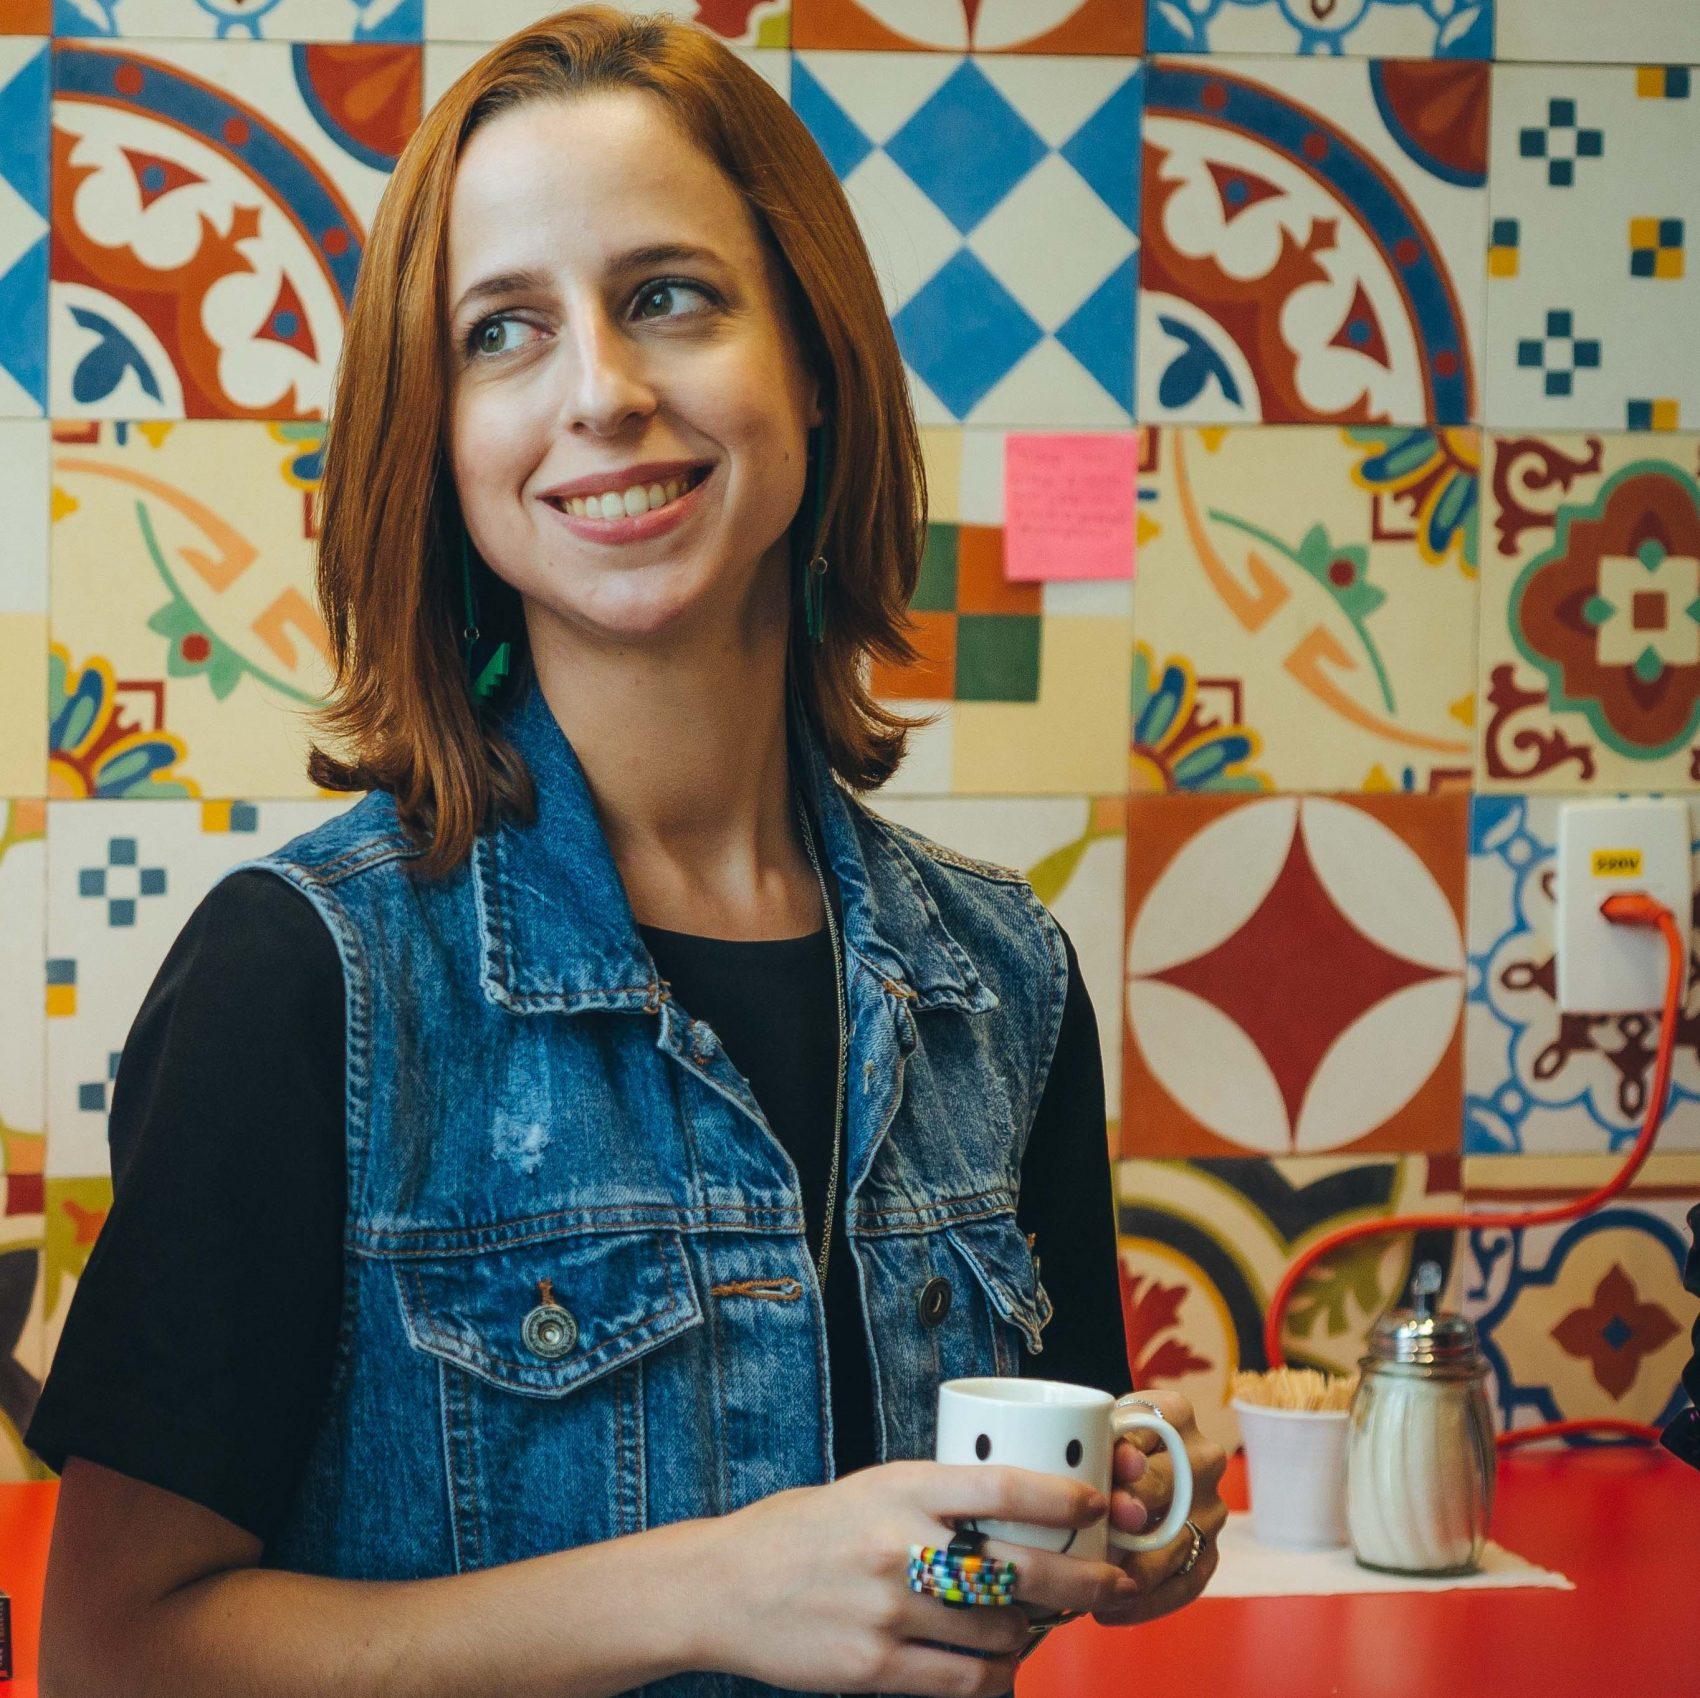 """Juliana Oliveira, 25 anos, com a caneca que acabou inspirando uma campanha interna da Nestlé: """"#menos plástico"""", ela escreveu num post-it (Foto: Divulgação)"""